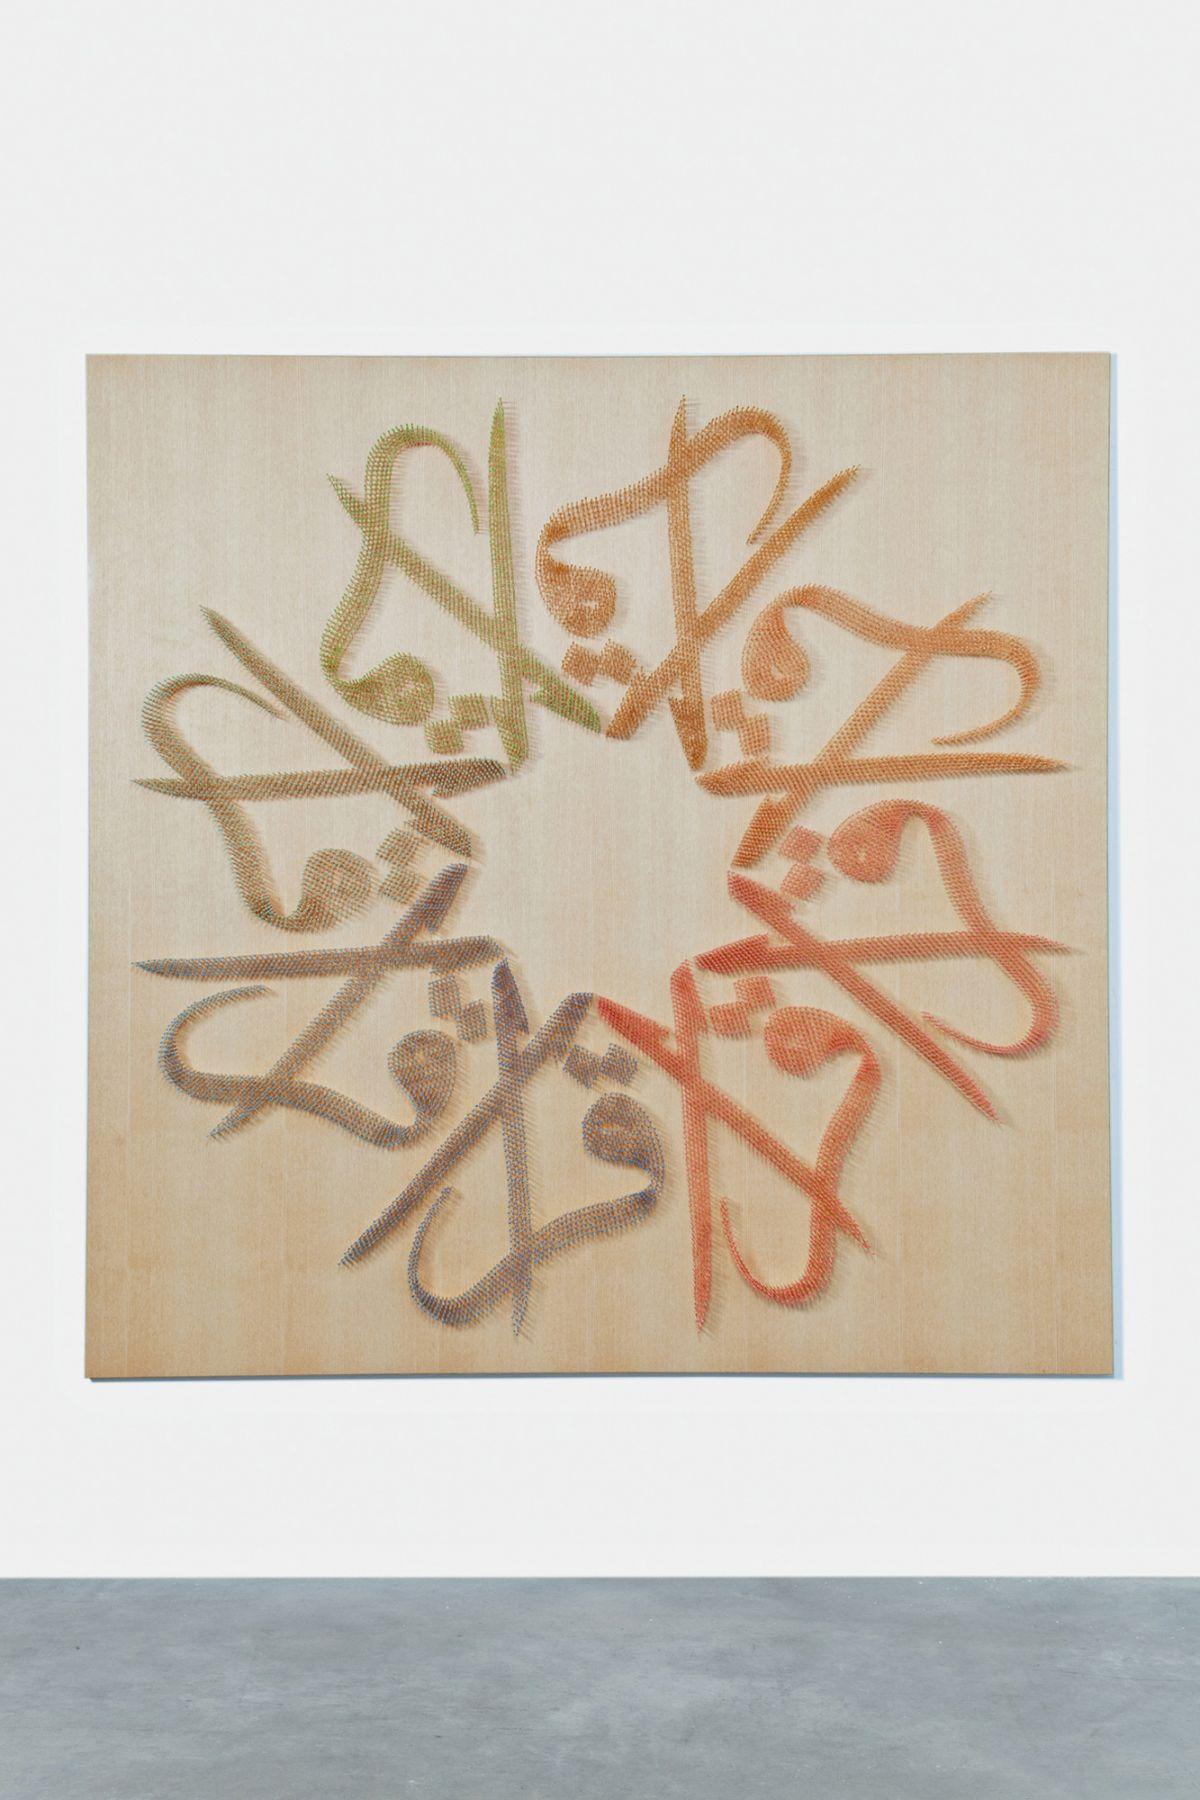 Moataz Nasr, Khayameya (Read), 2012